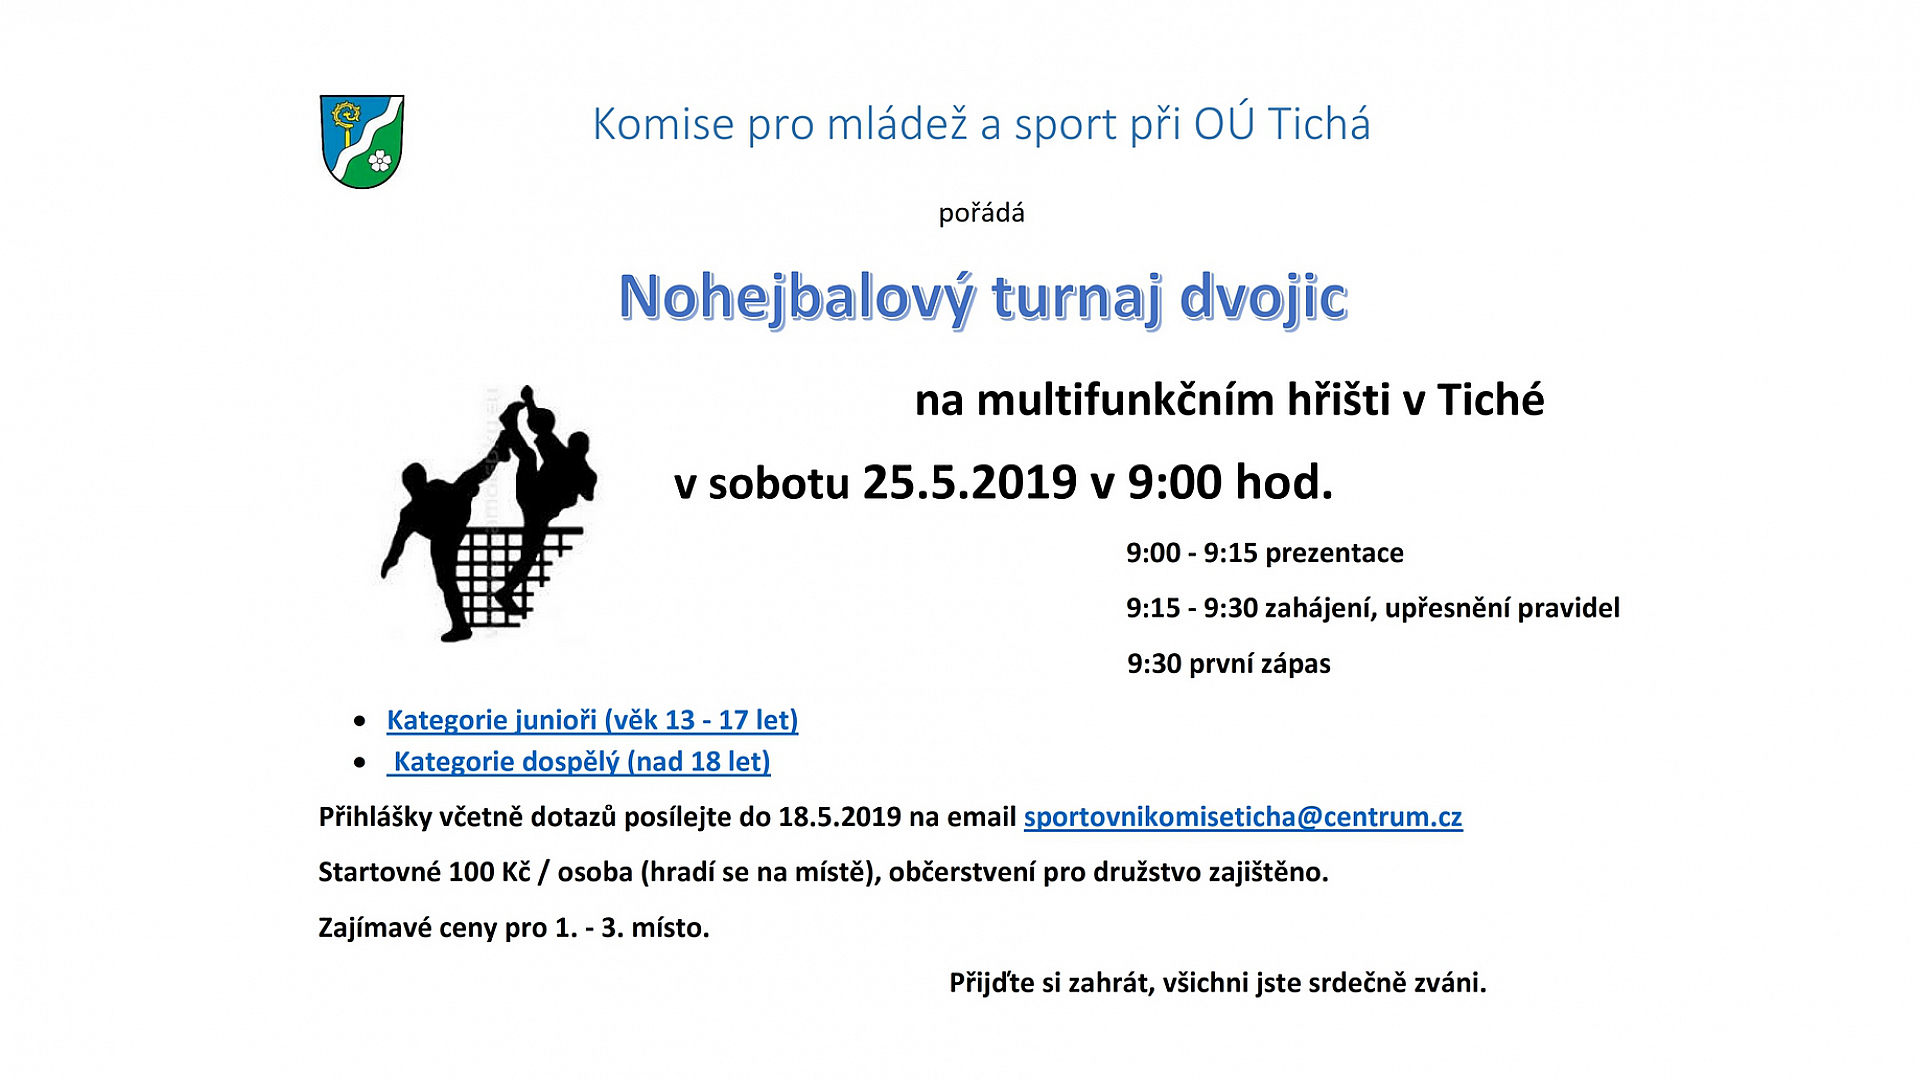 Obec Tichá - Nohejbalový turnaj